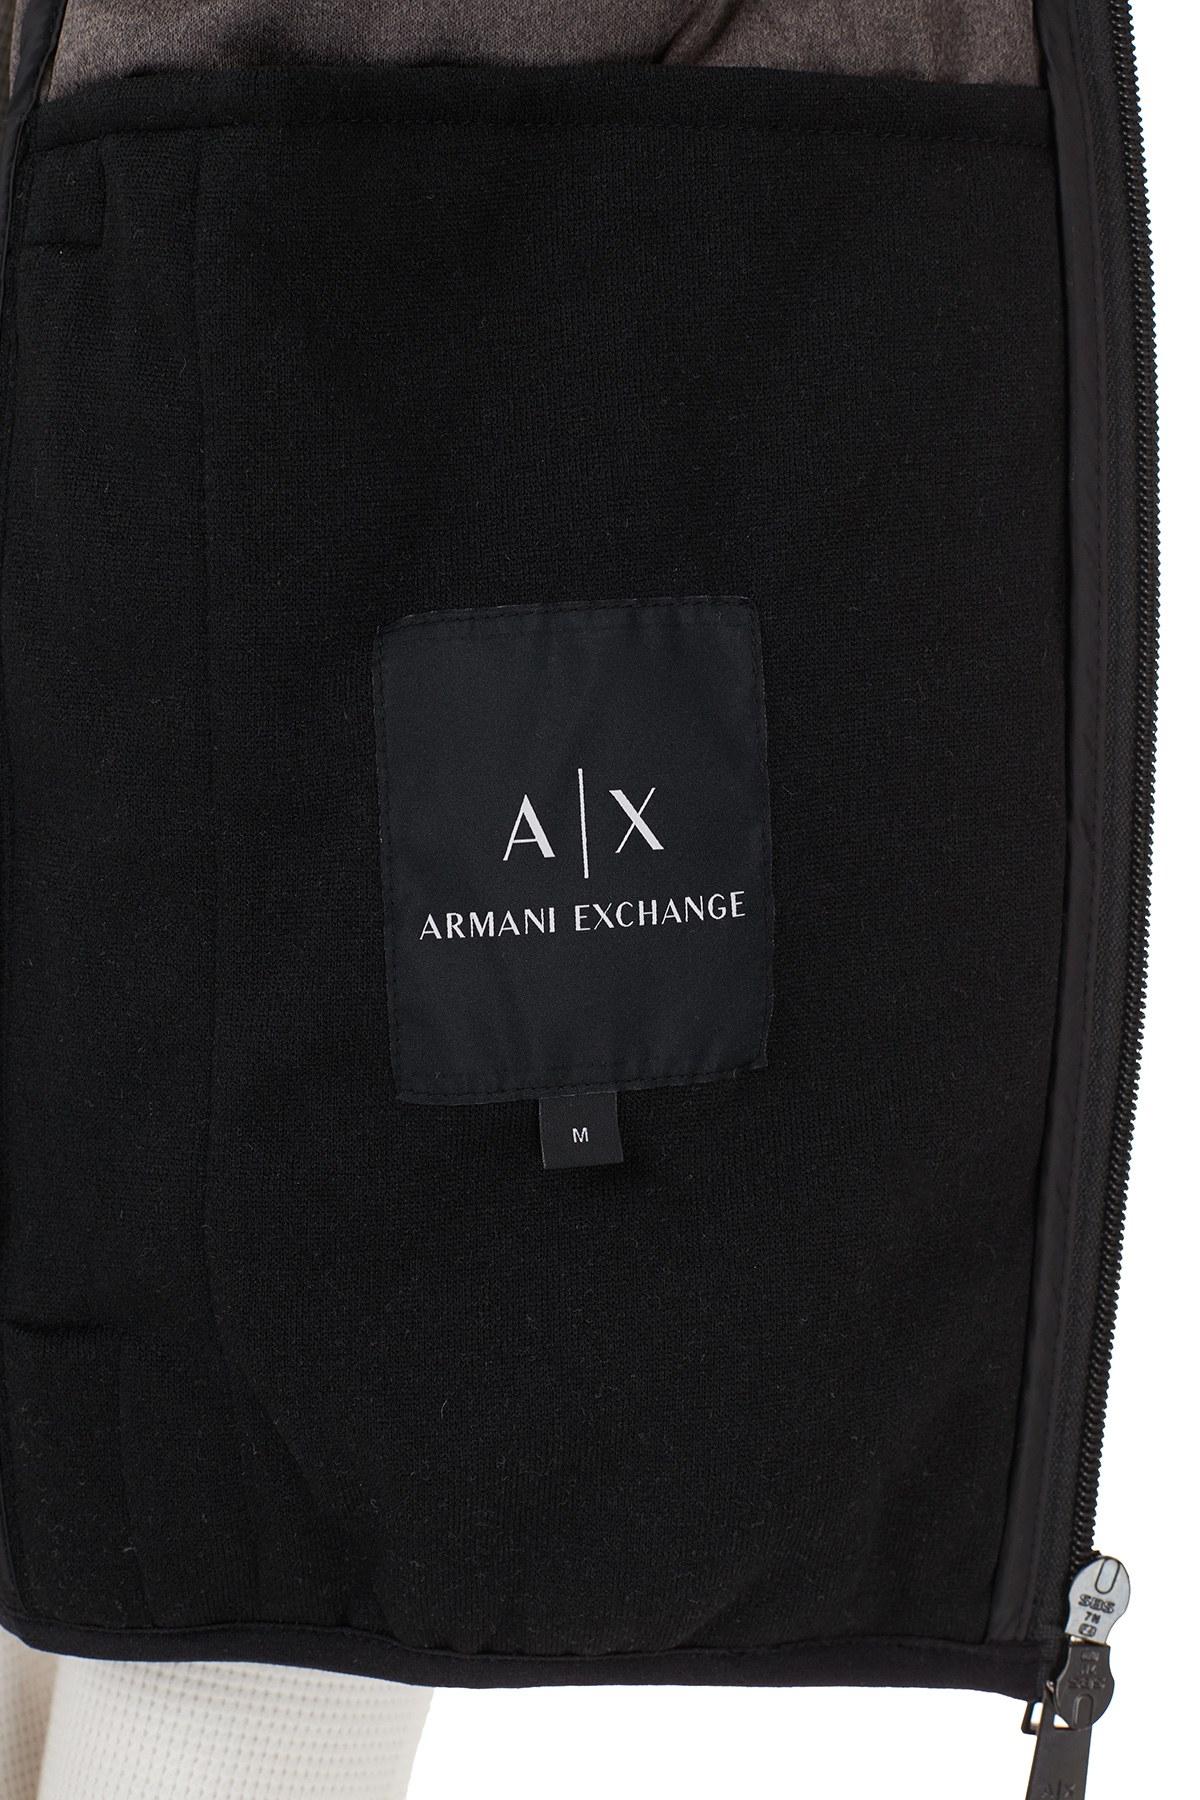 Armani Exchange Kaz Tüyü Dolgulu Dik Yaka Erkek Yelek 6HZQ02 ZNHVZ 1200 SİYAH